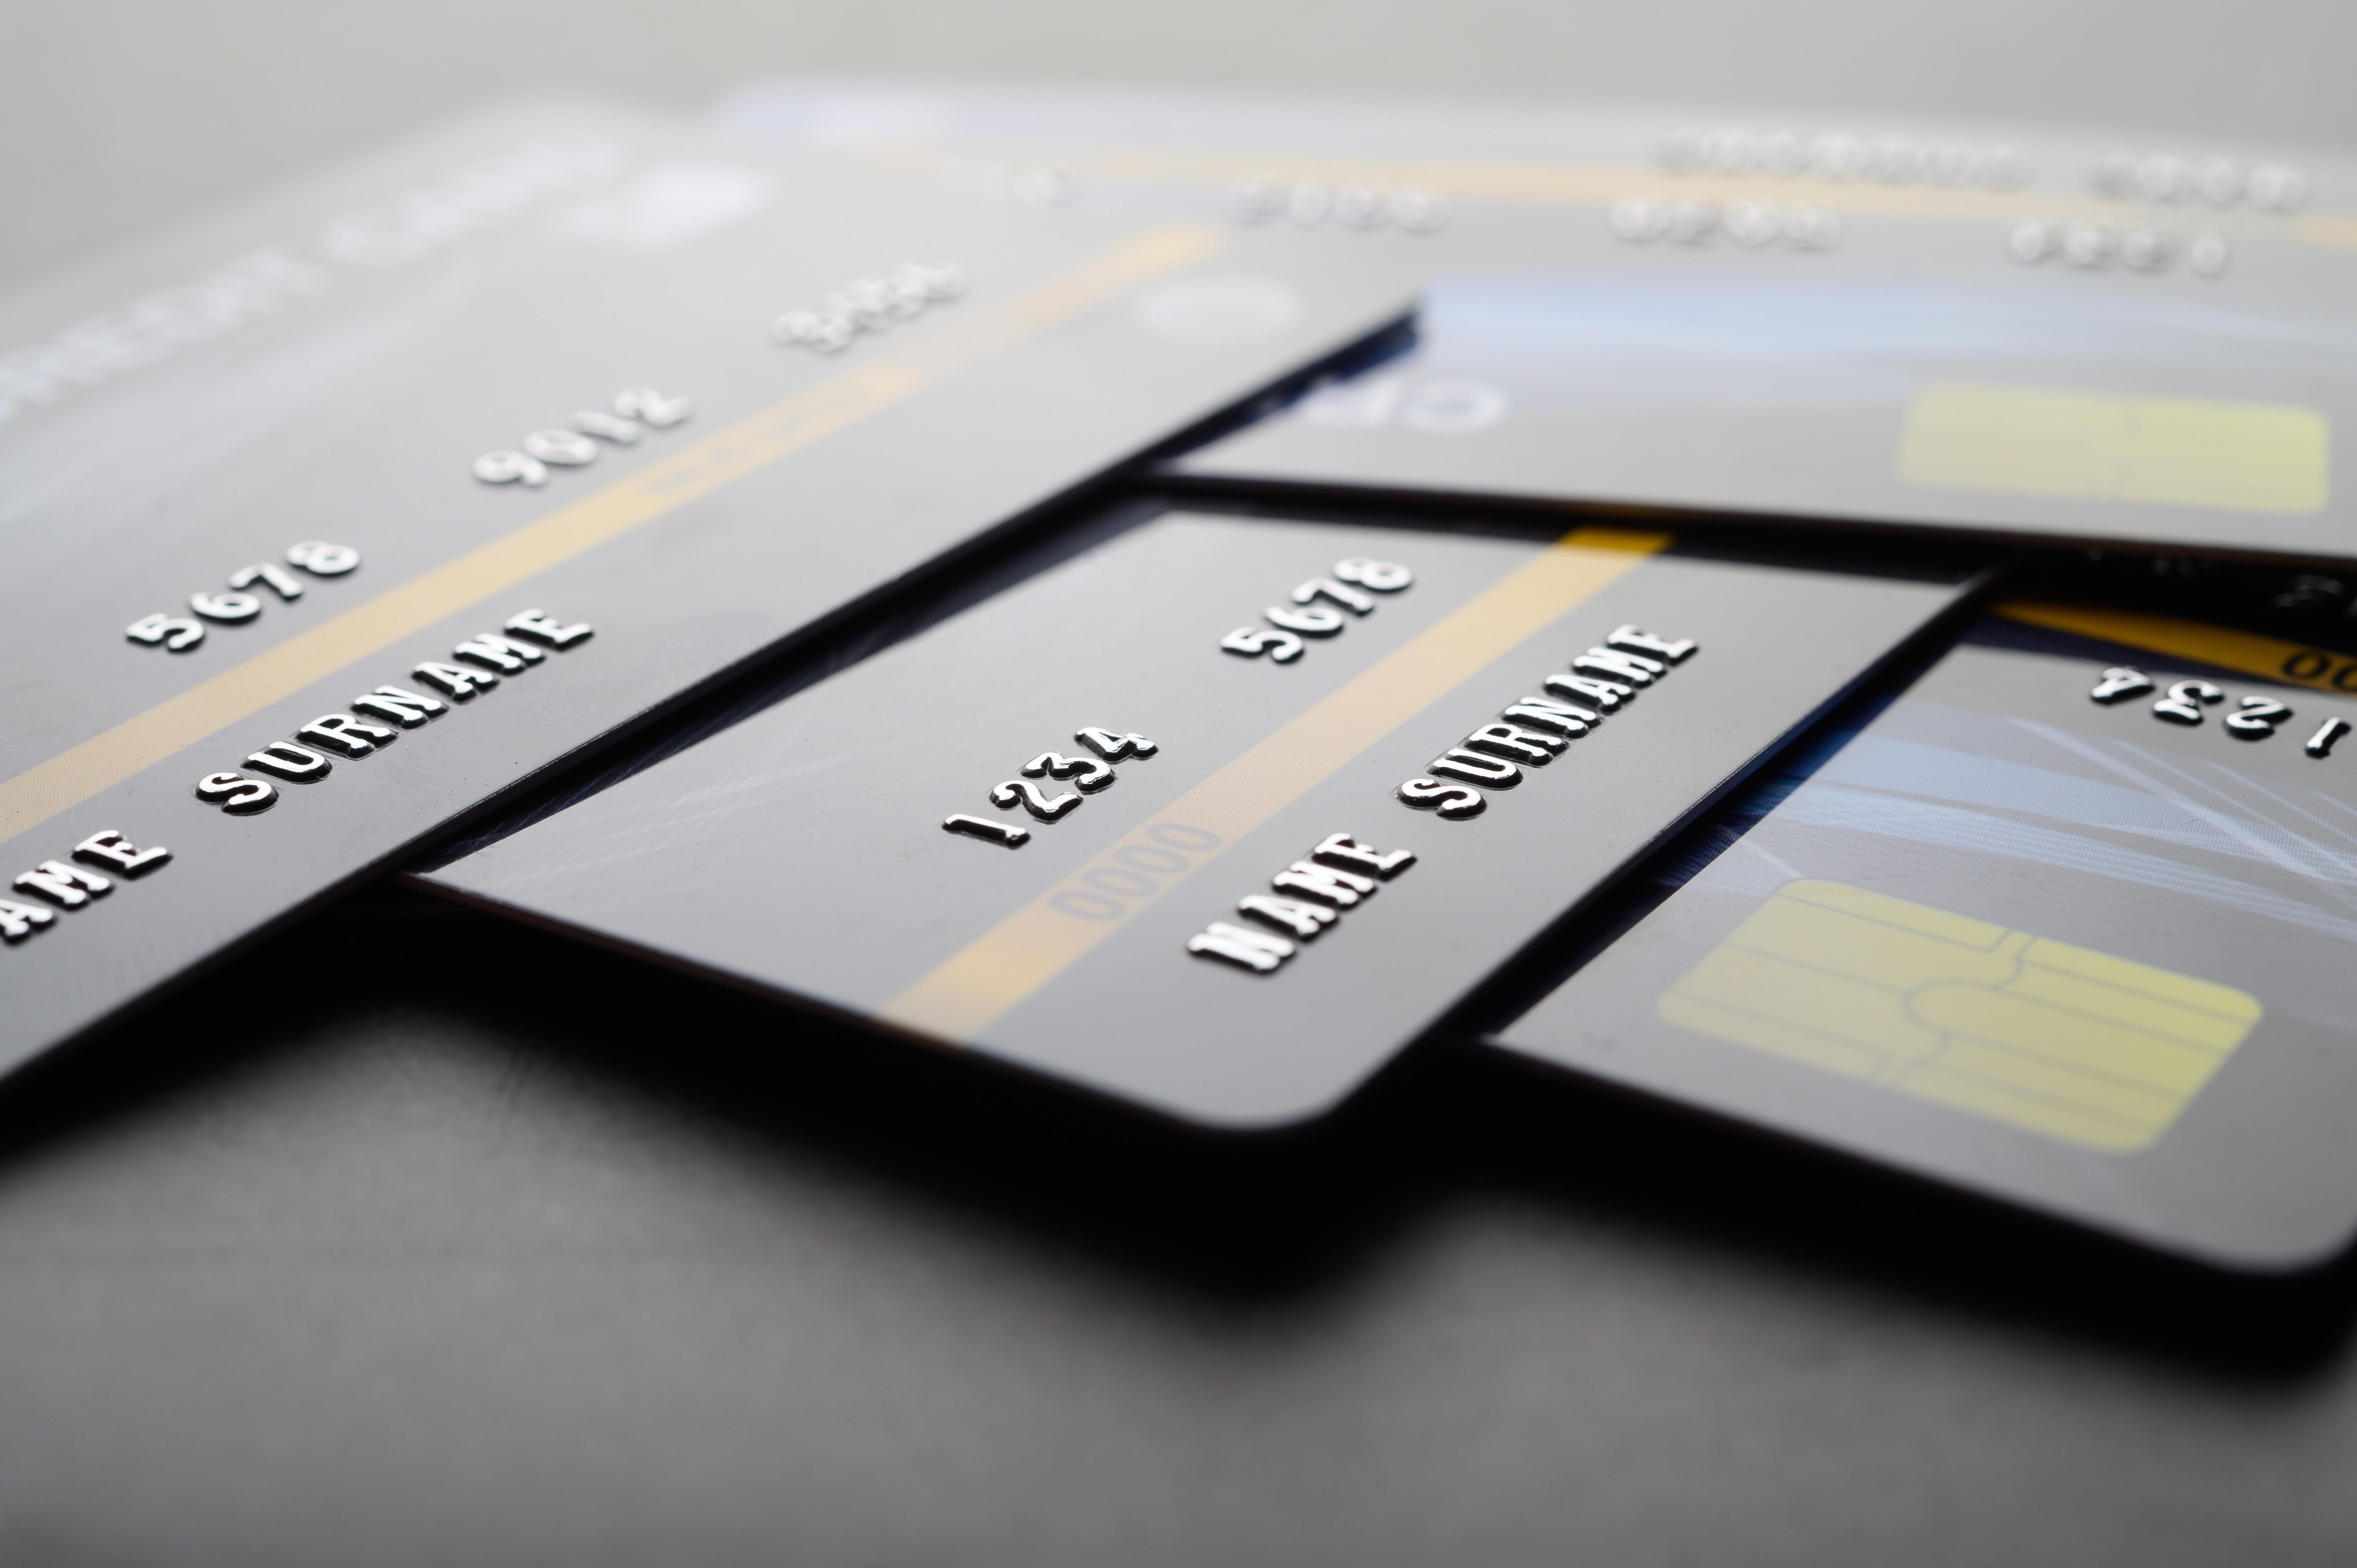 Nueva Ley De Portabilidad Finaciera: Se Esperan Mejores Servicios Y Menores Costos